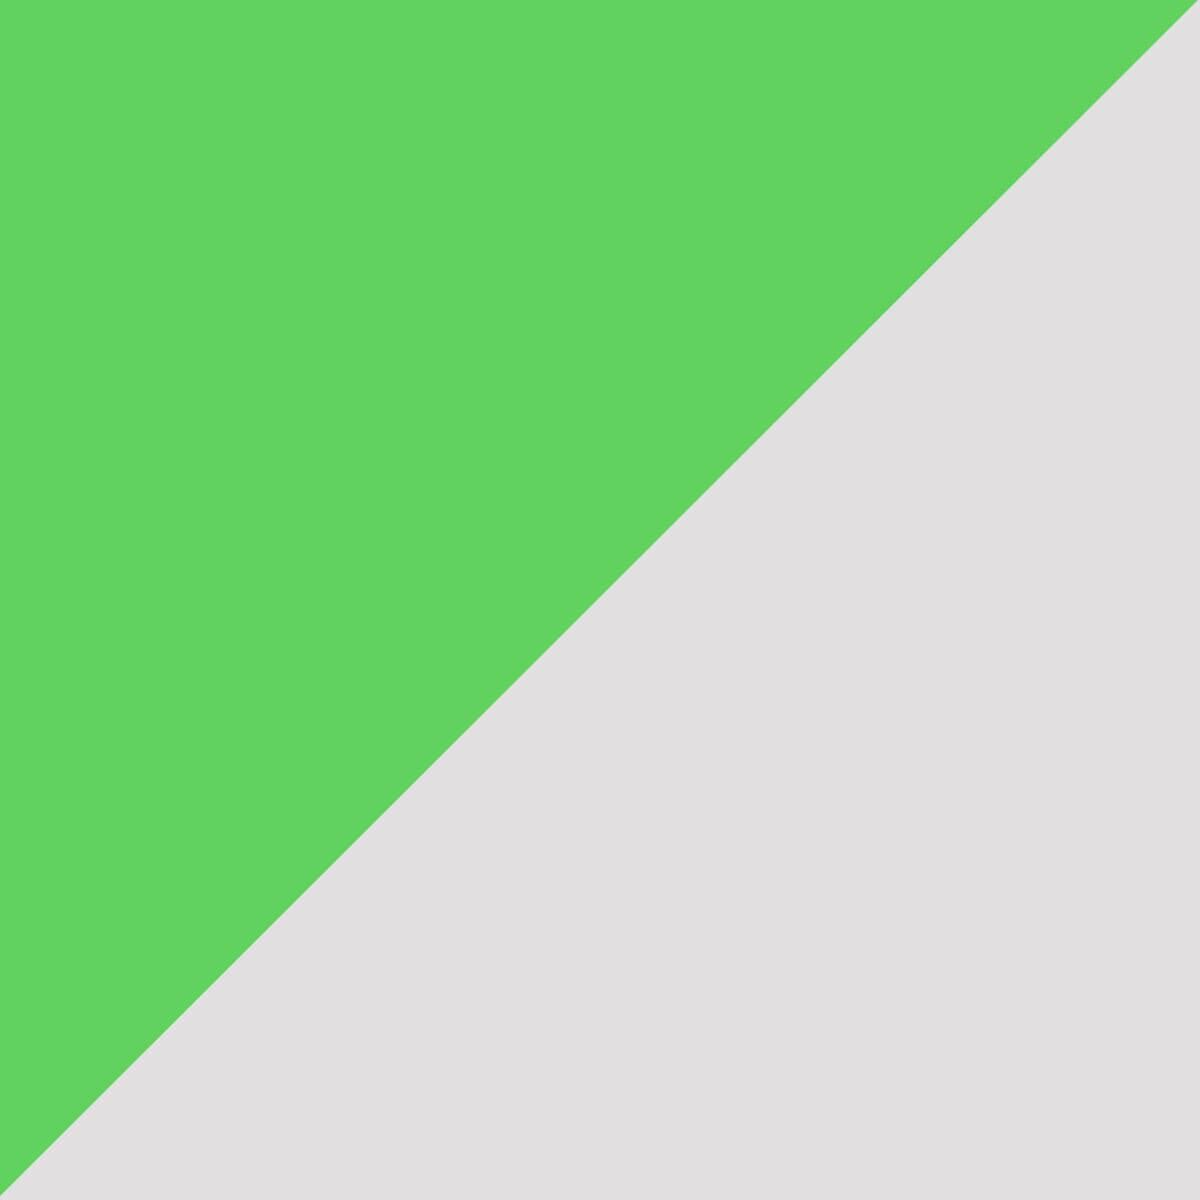 Vert/Argent